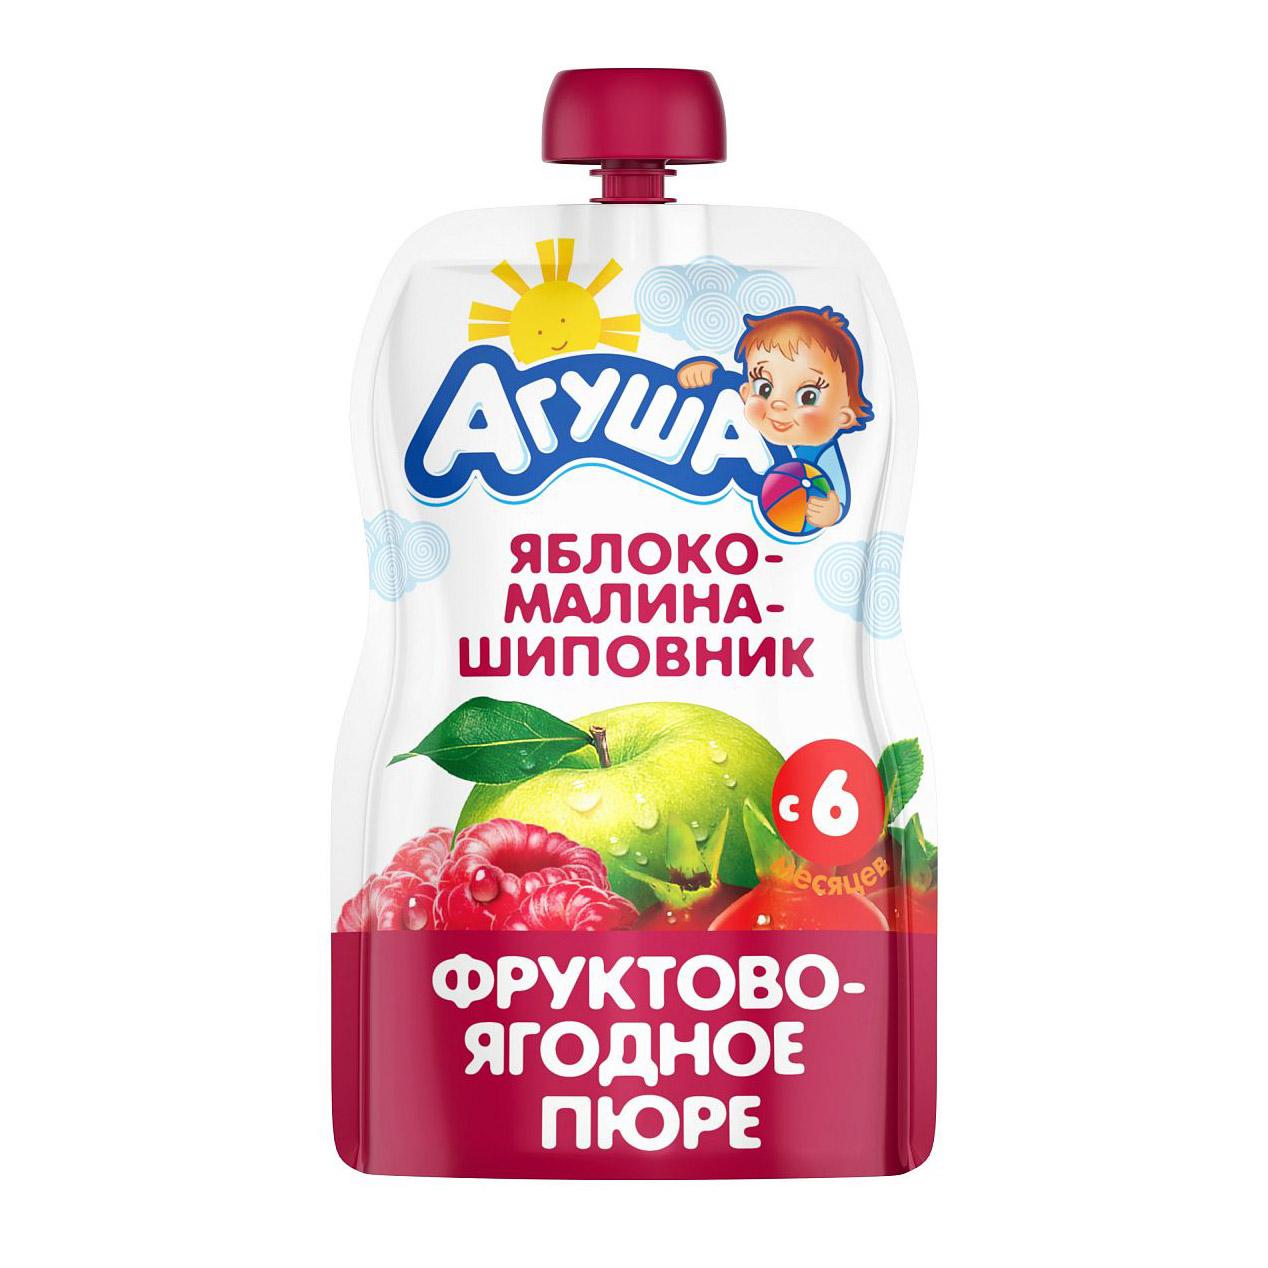 Фото - Пюре фруктово-ягодное Агуша Яблоко-Малина-Шиповник 90 г пюре агуша пюре doy pack яблоко малина шиповник с 6 мес 90 г